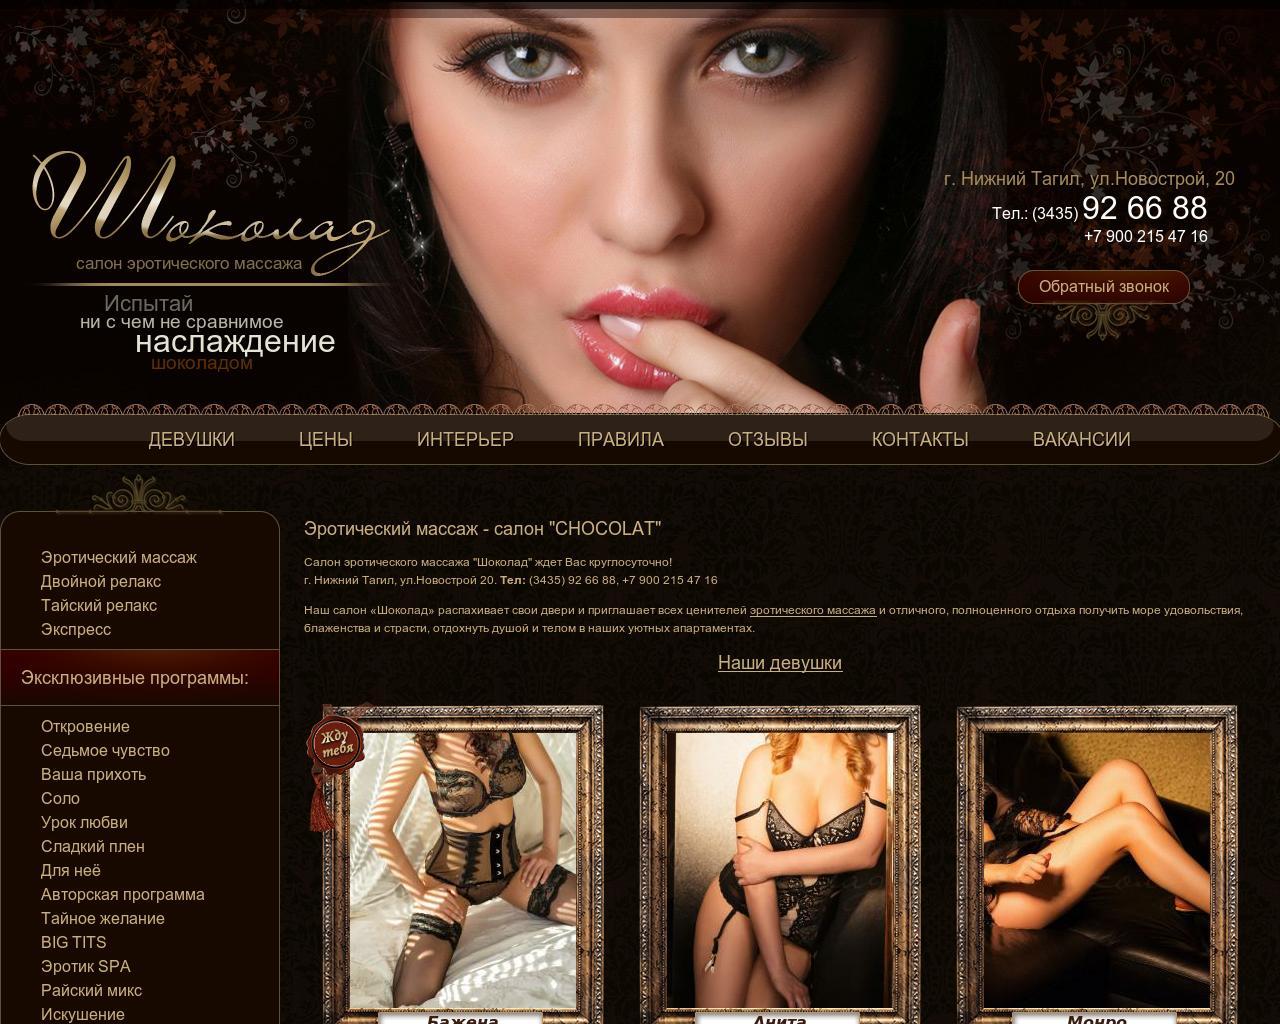 salon-eroticheskogo-massazha-afrodita